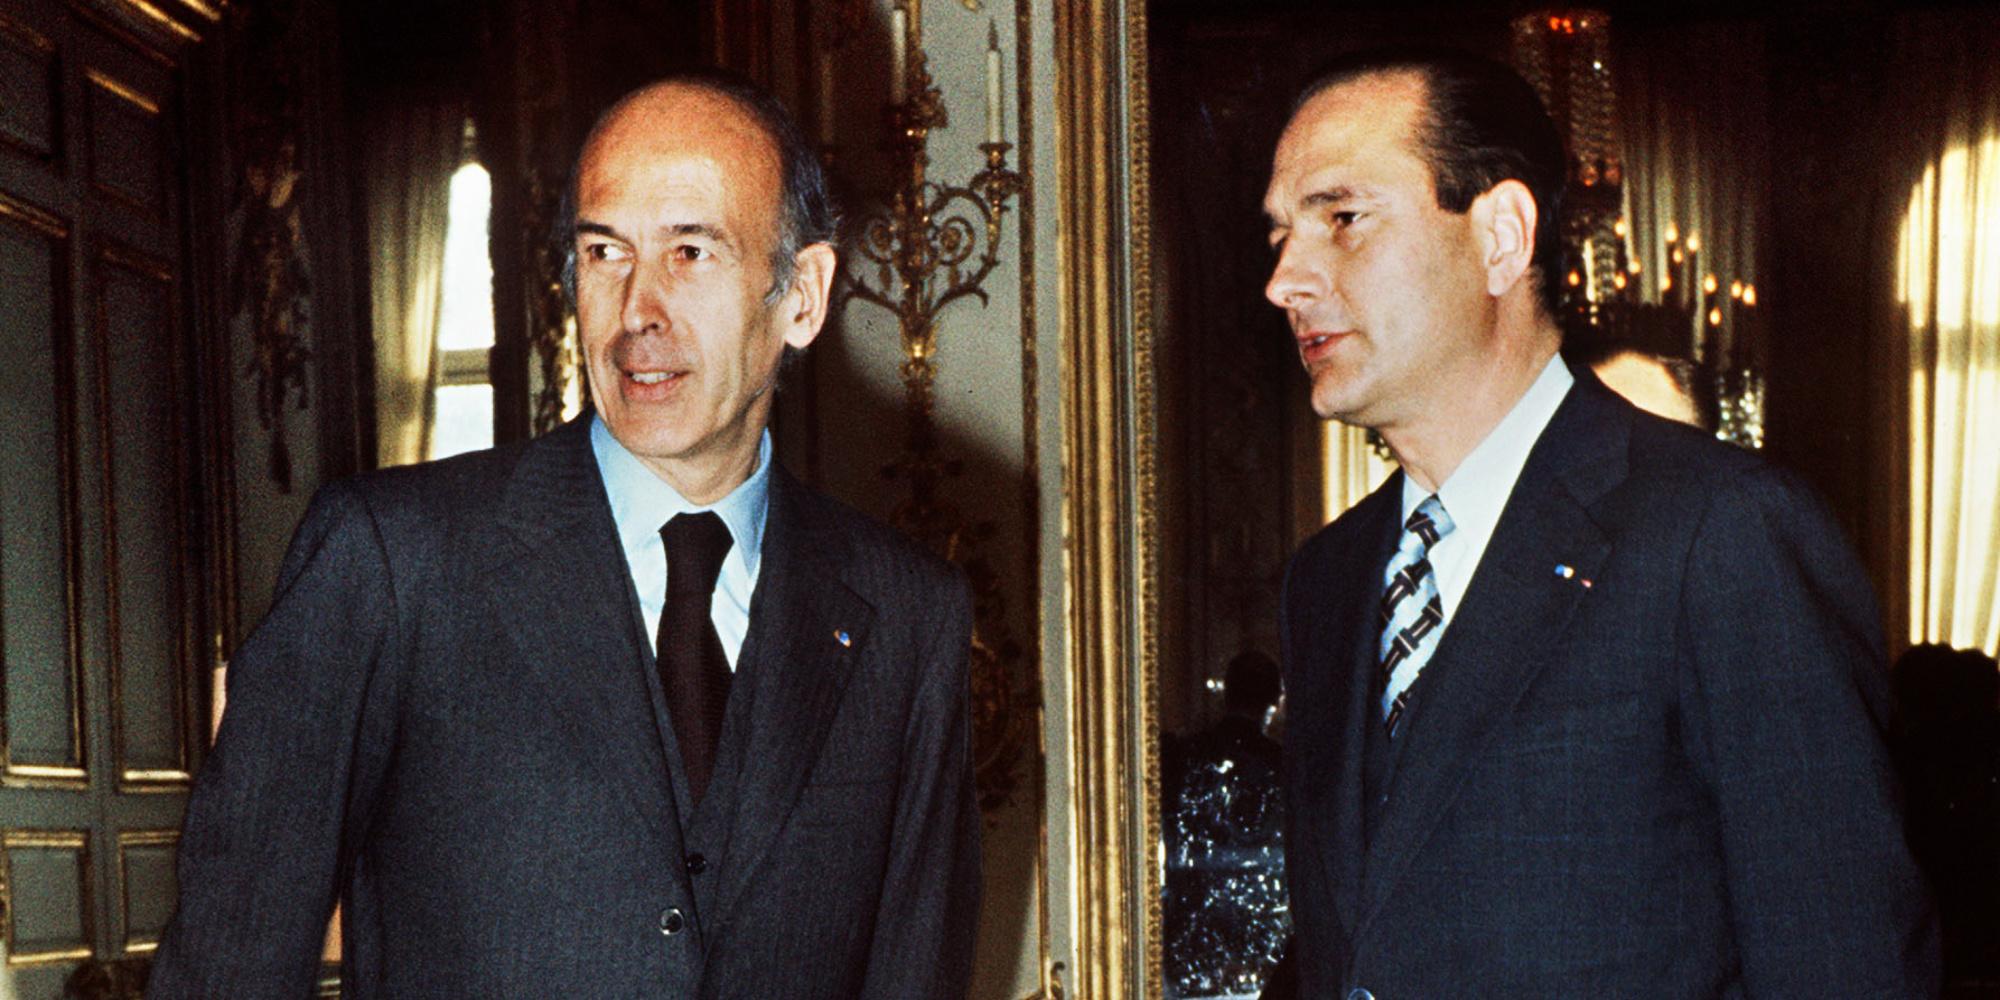 """Juppé revient sur la relation Giscard-Chirac : """"L'antagonisme était réel"""" mais """"exagéré"""""""